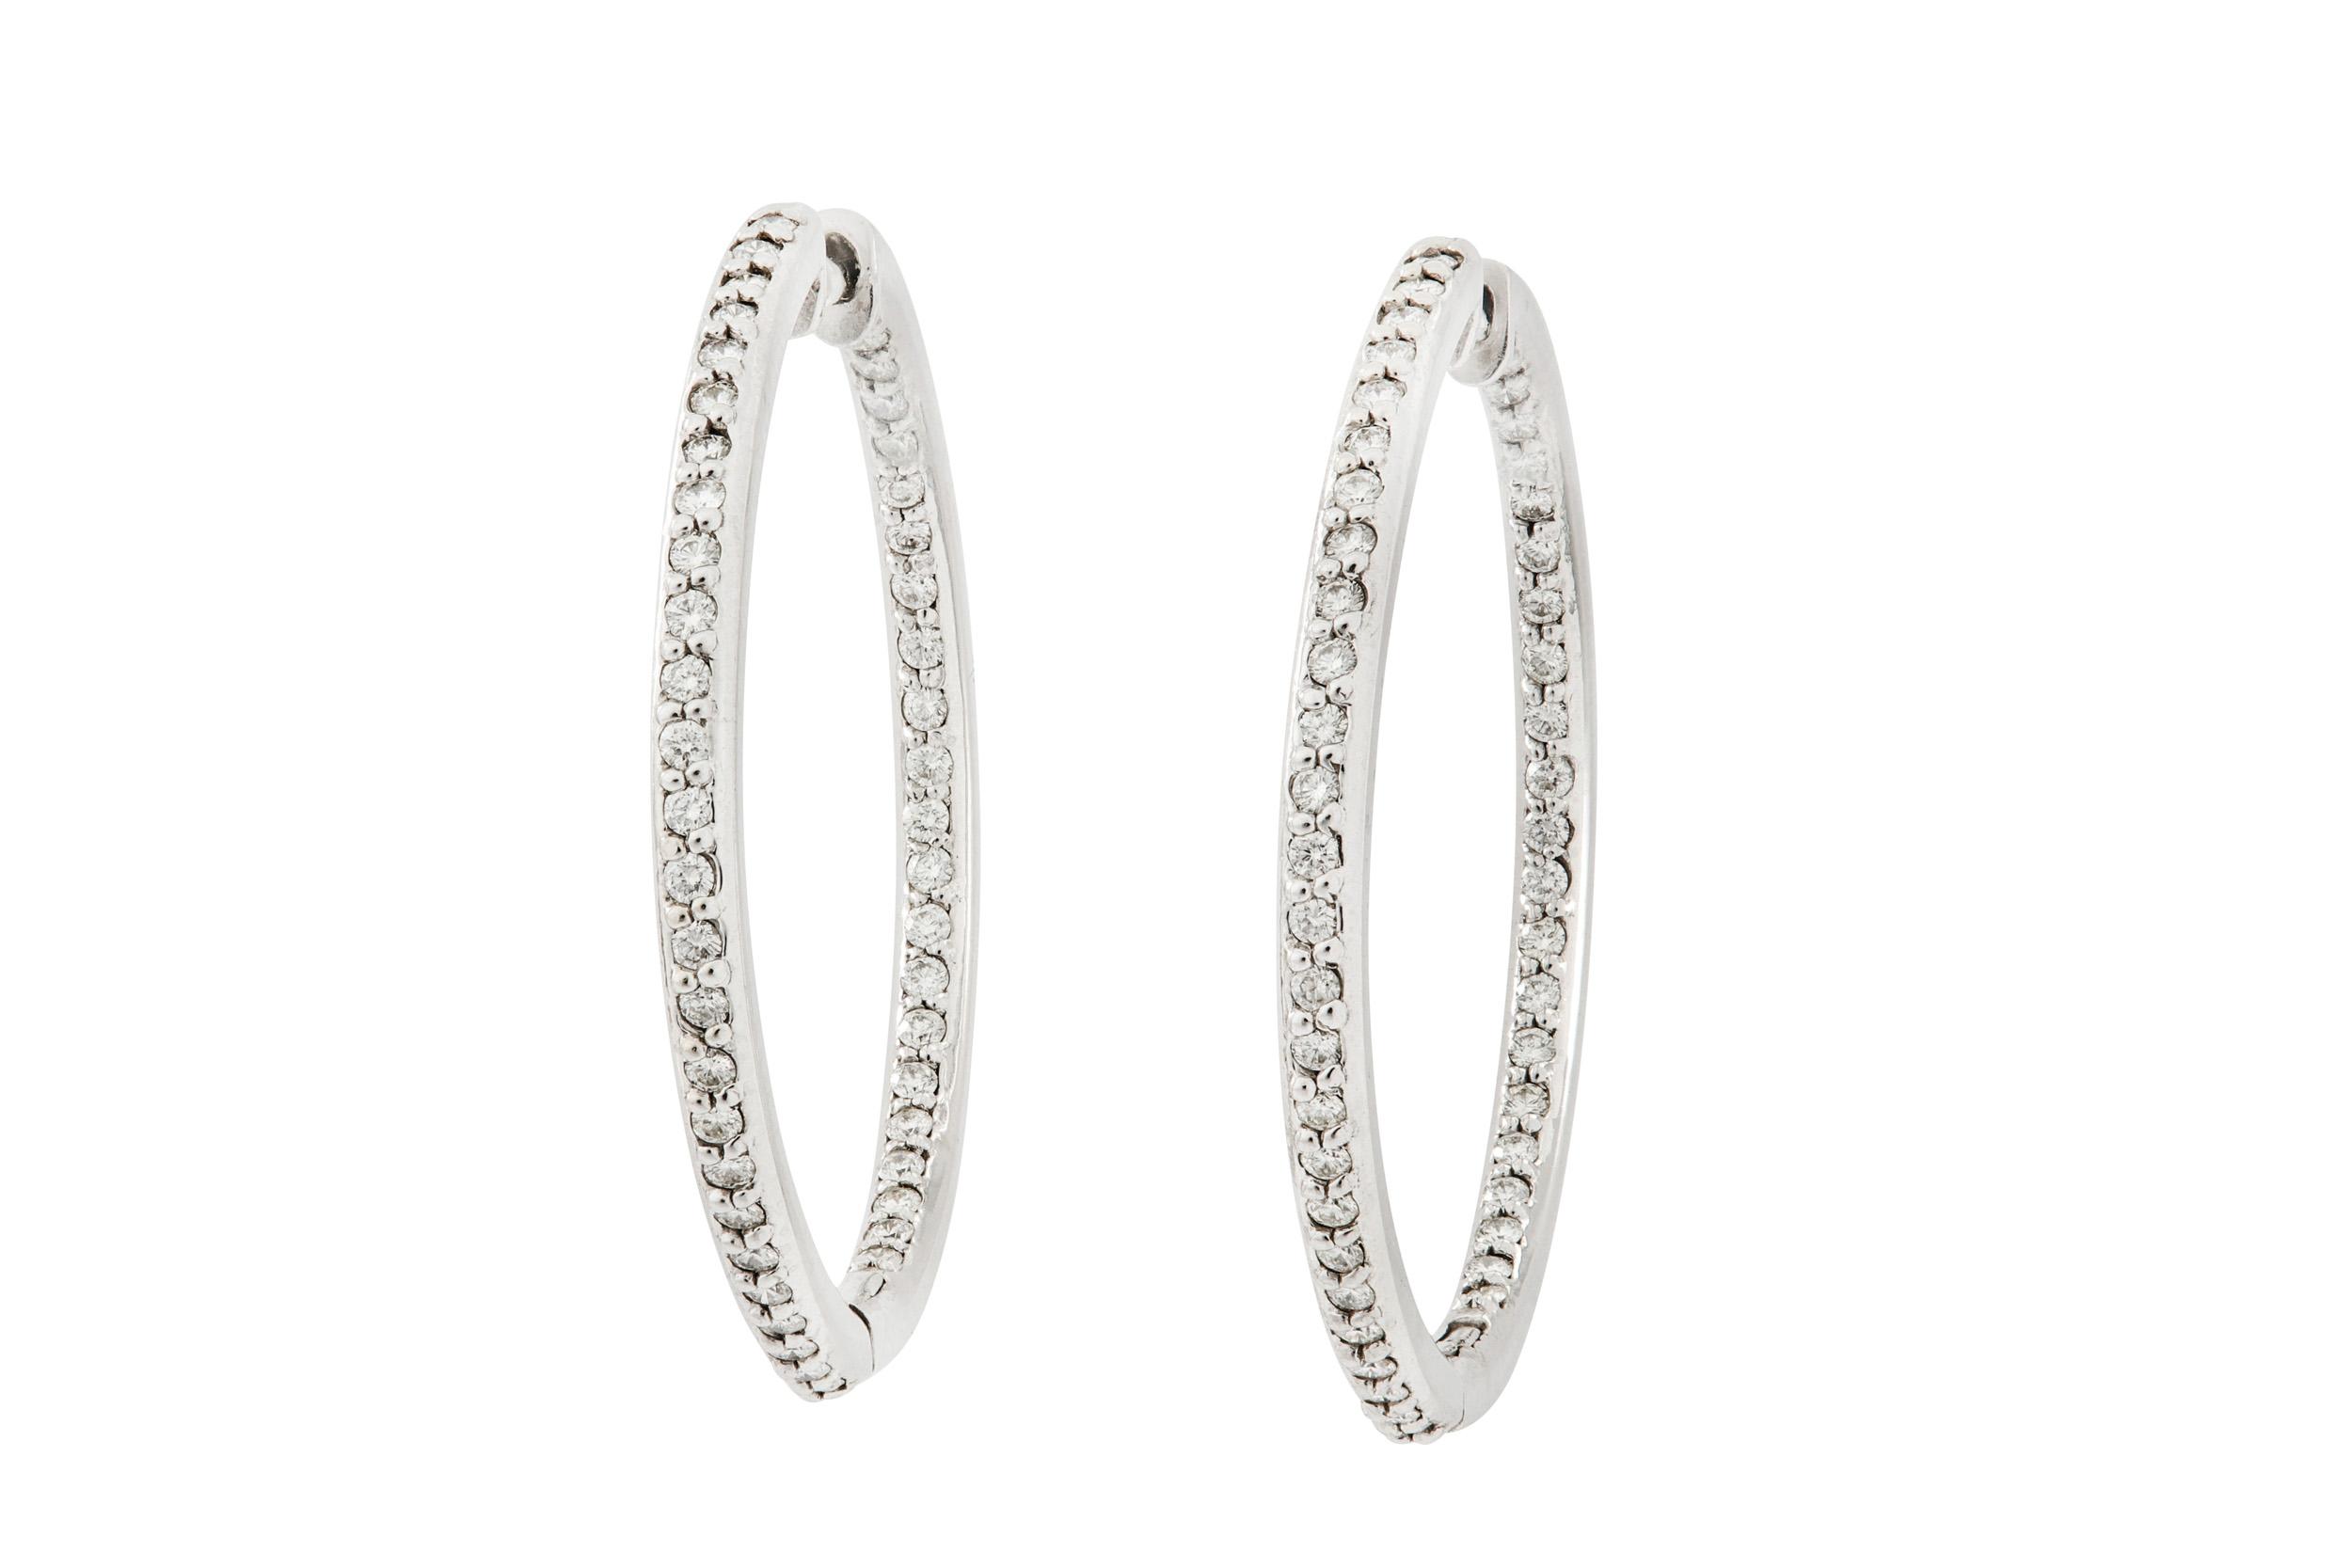 Lot 31 - A pair of diamond hoop earrings